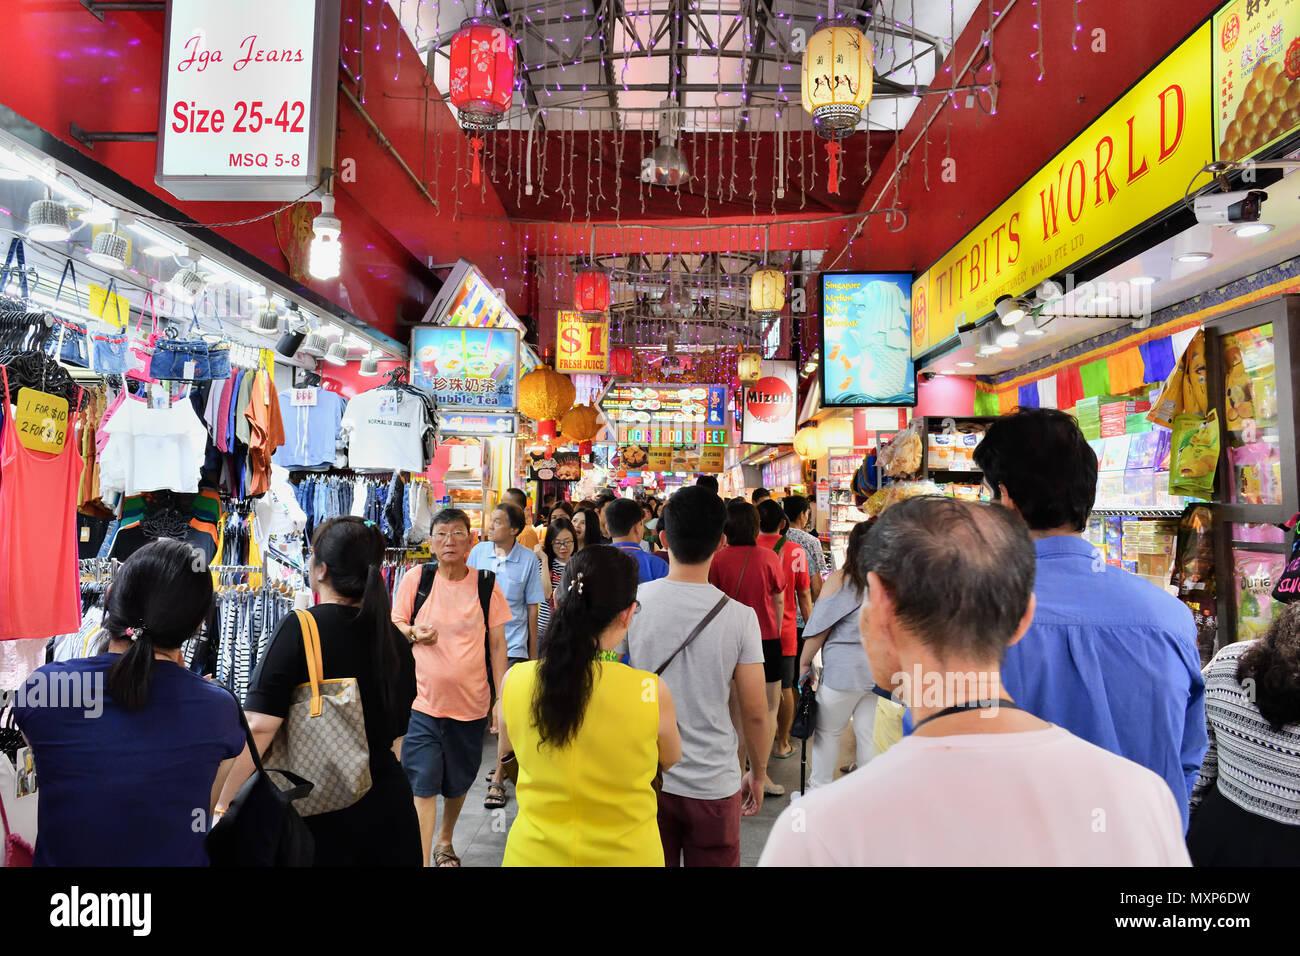 Bugis Street, Singapour. Ce budget-friendly mall et attraction touristique est bondée de touristes et de visiteurs à la recherche d'aubaines. Banque D'Images